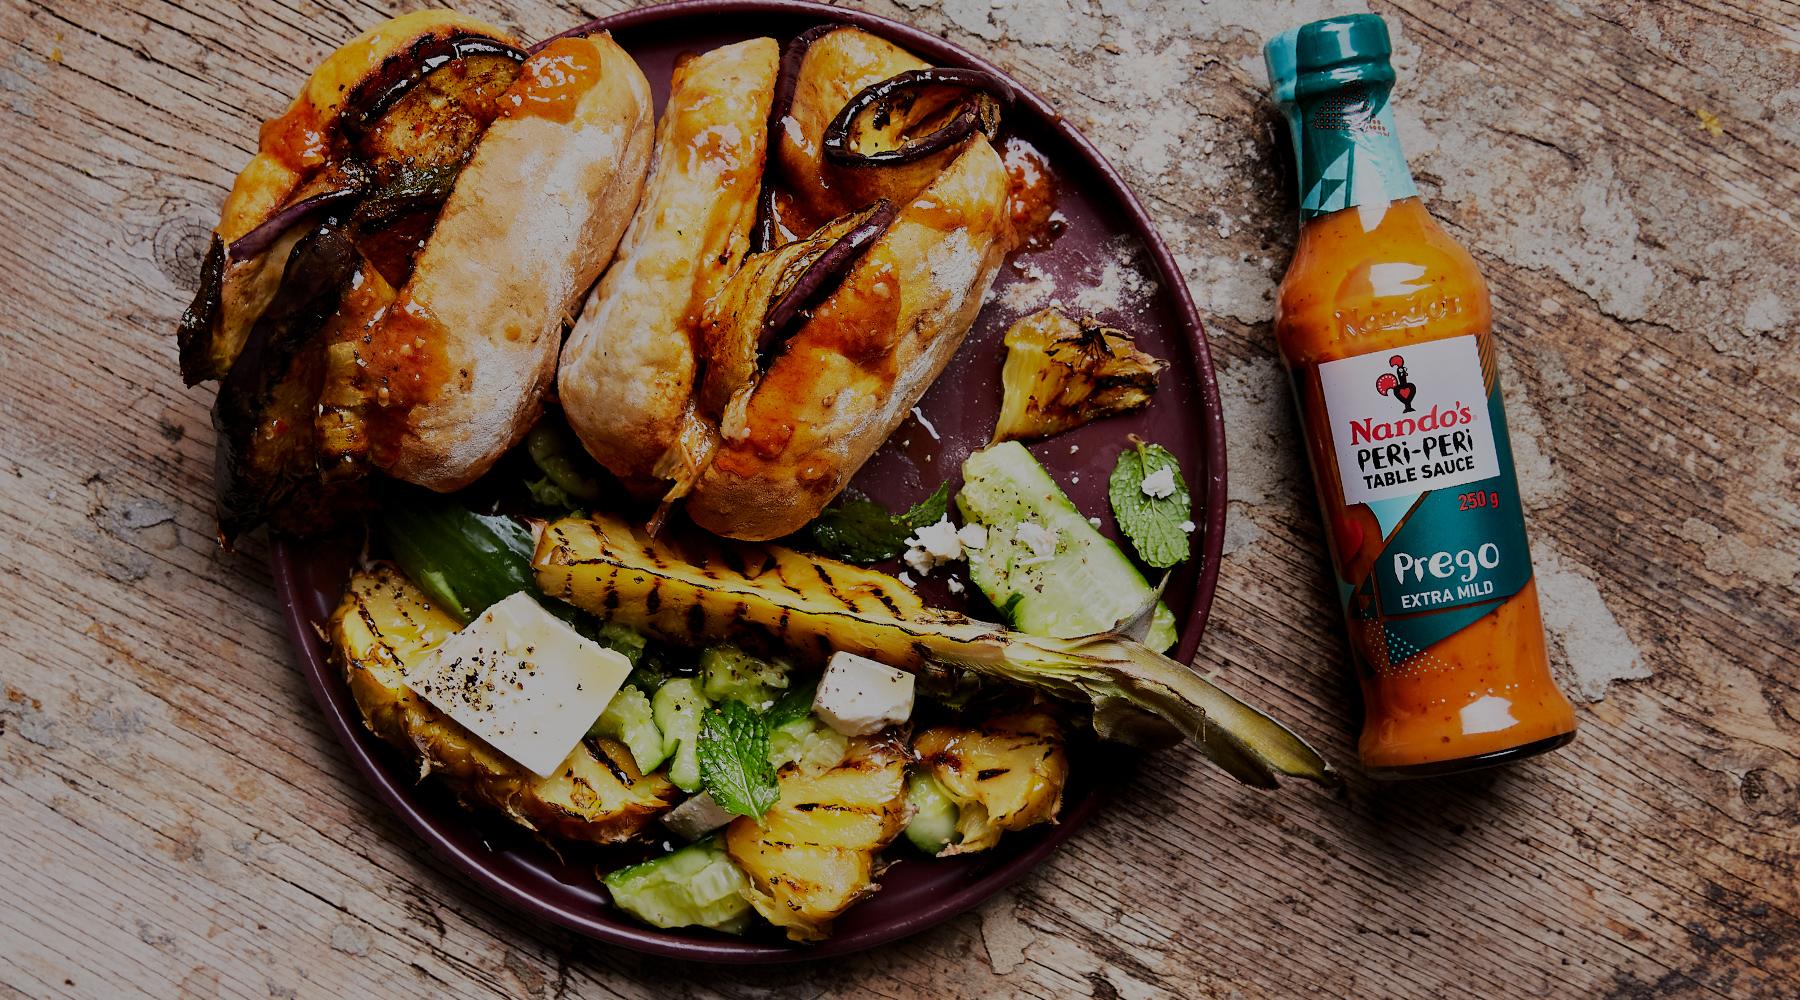 Chicken or Aubergine Prego Rolls